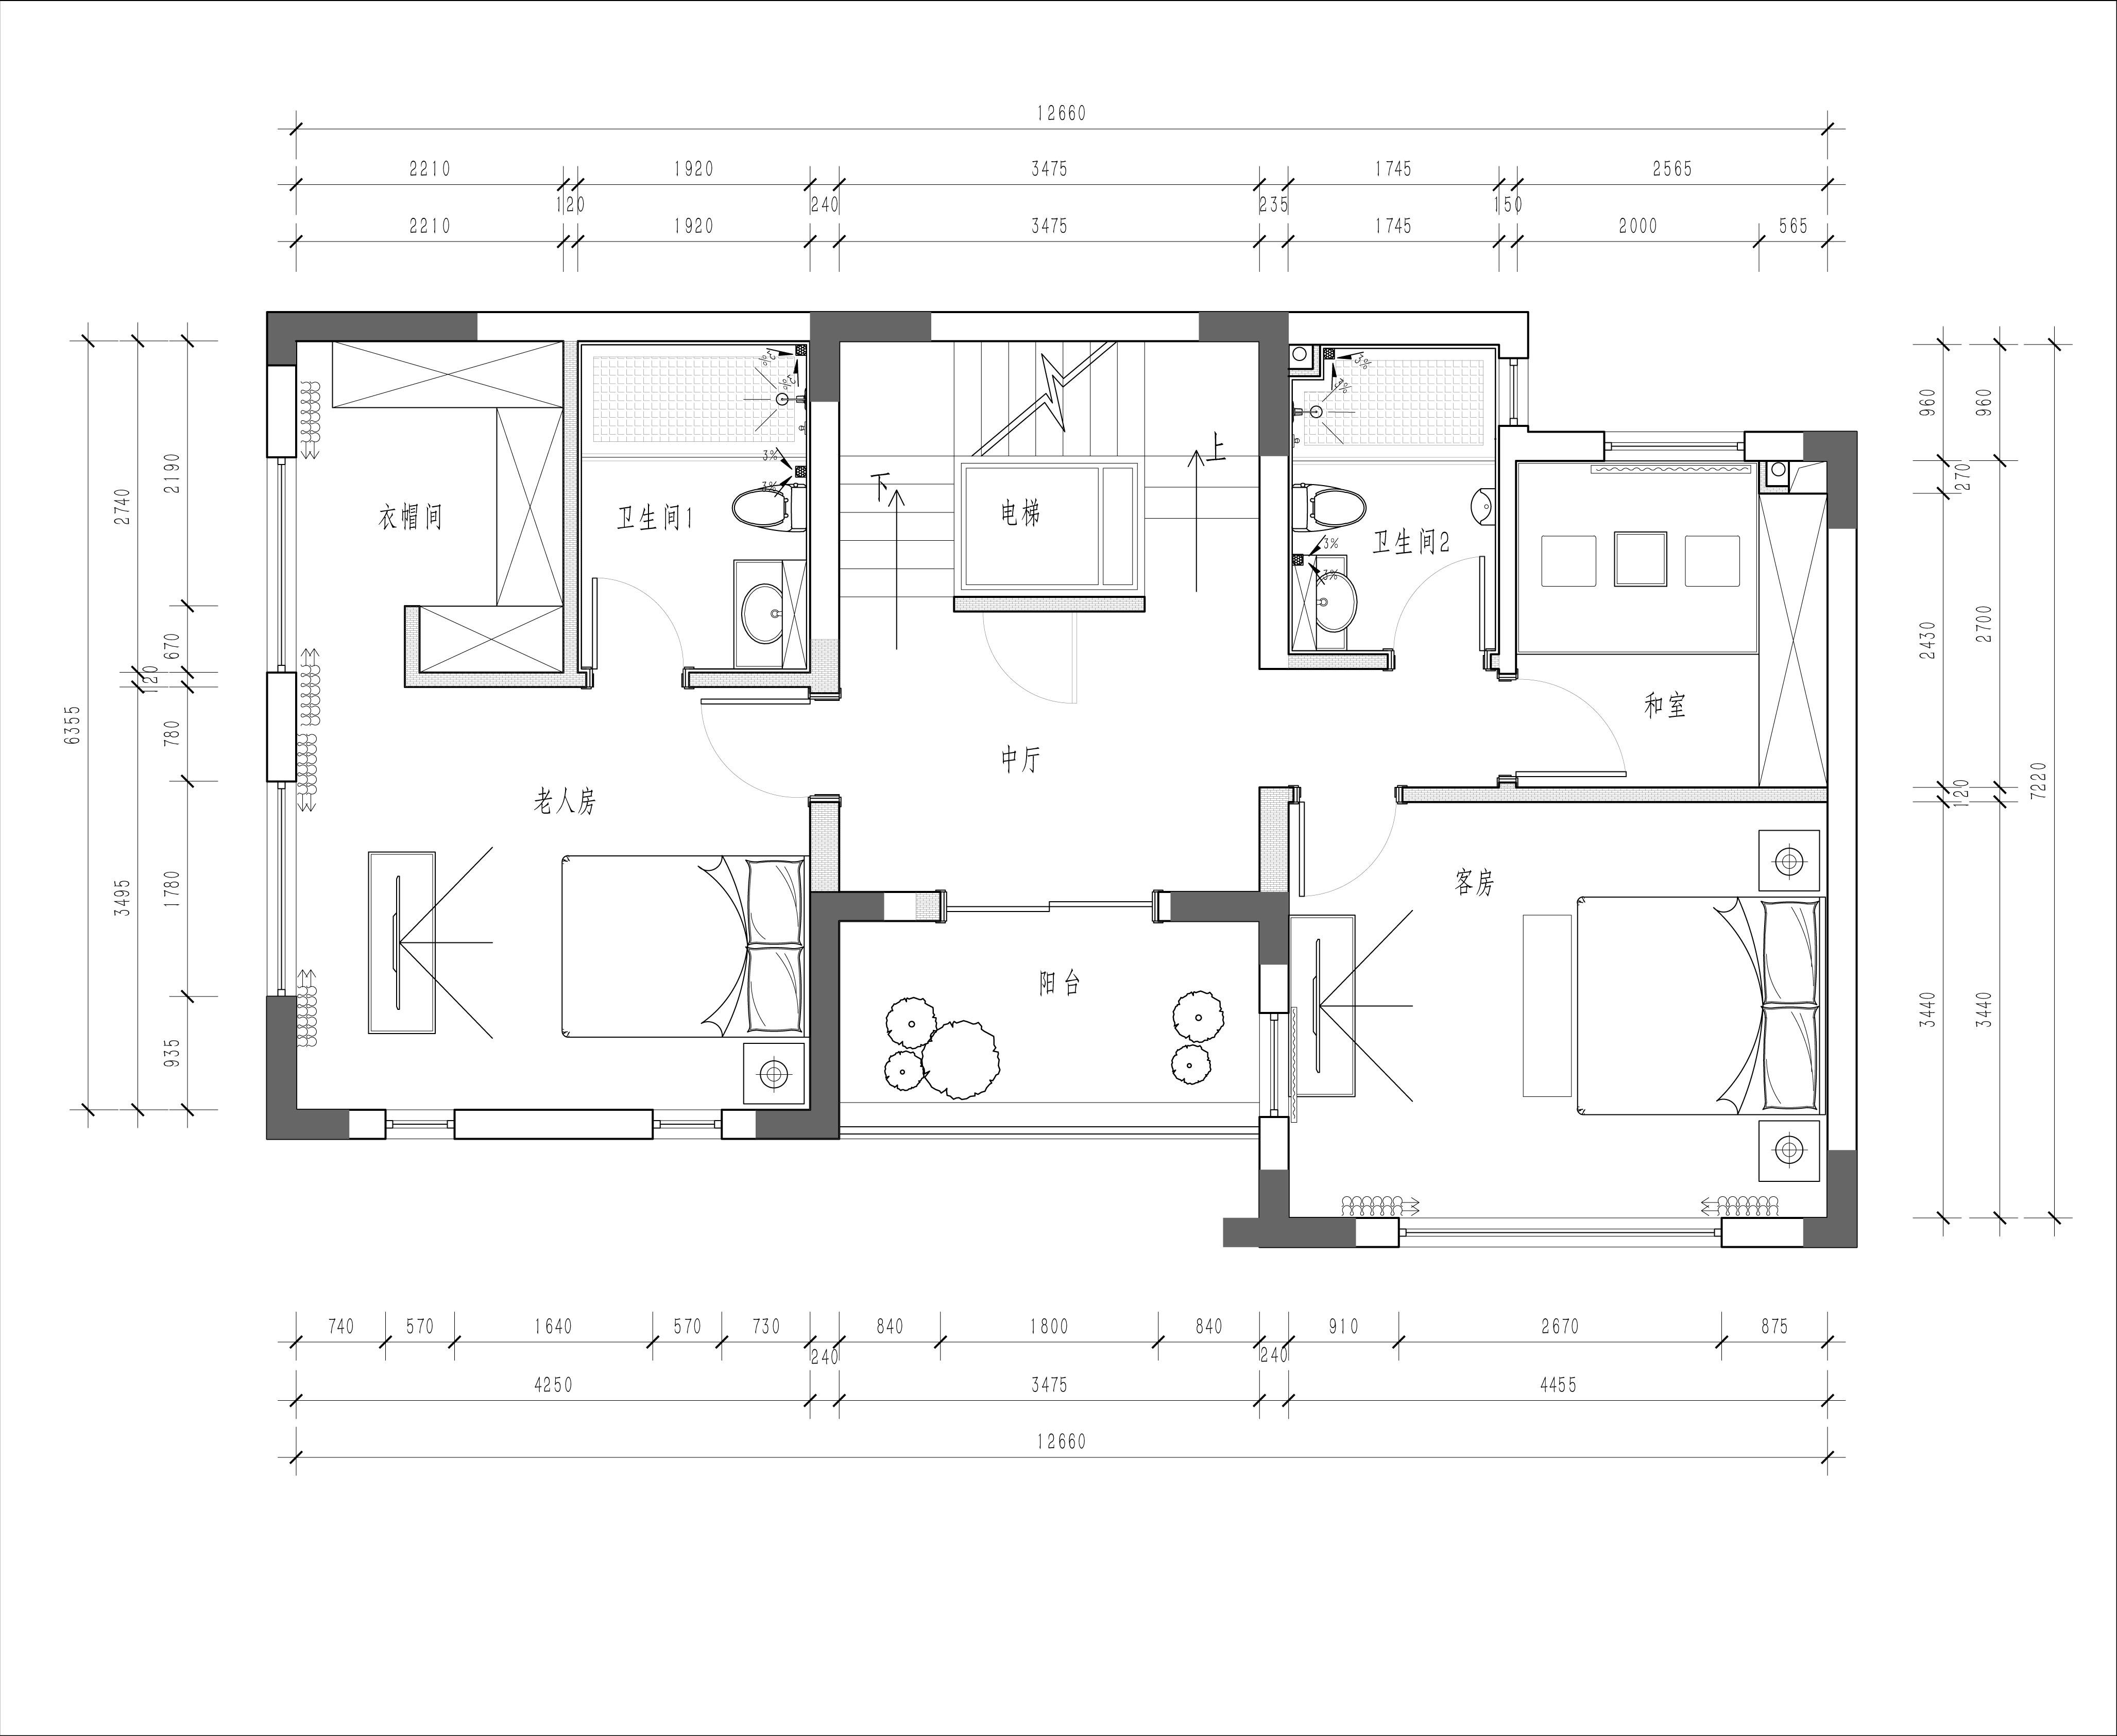 碧桂园-300平米-现代简约风格装修案例效果图装修设计理念